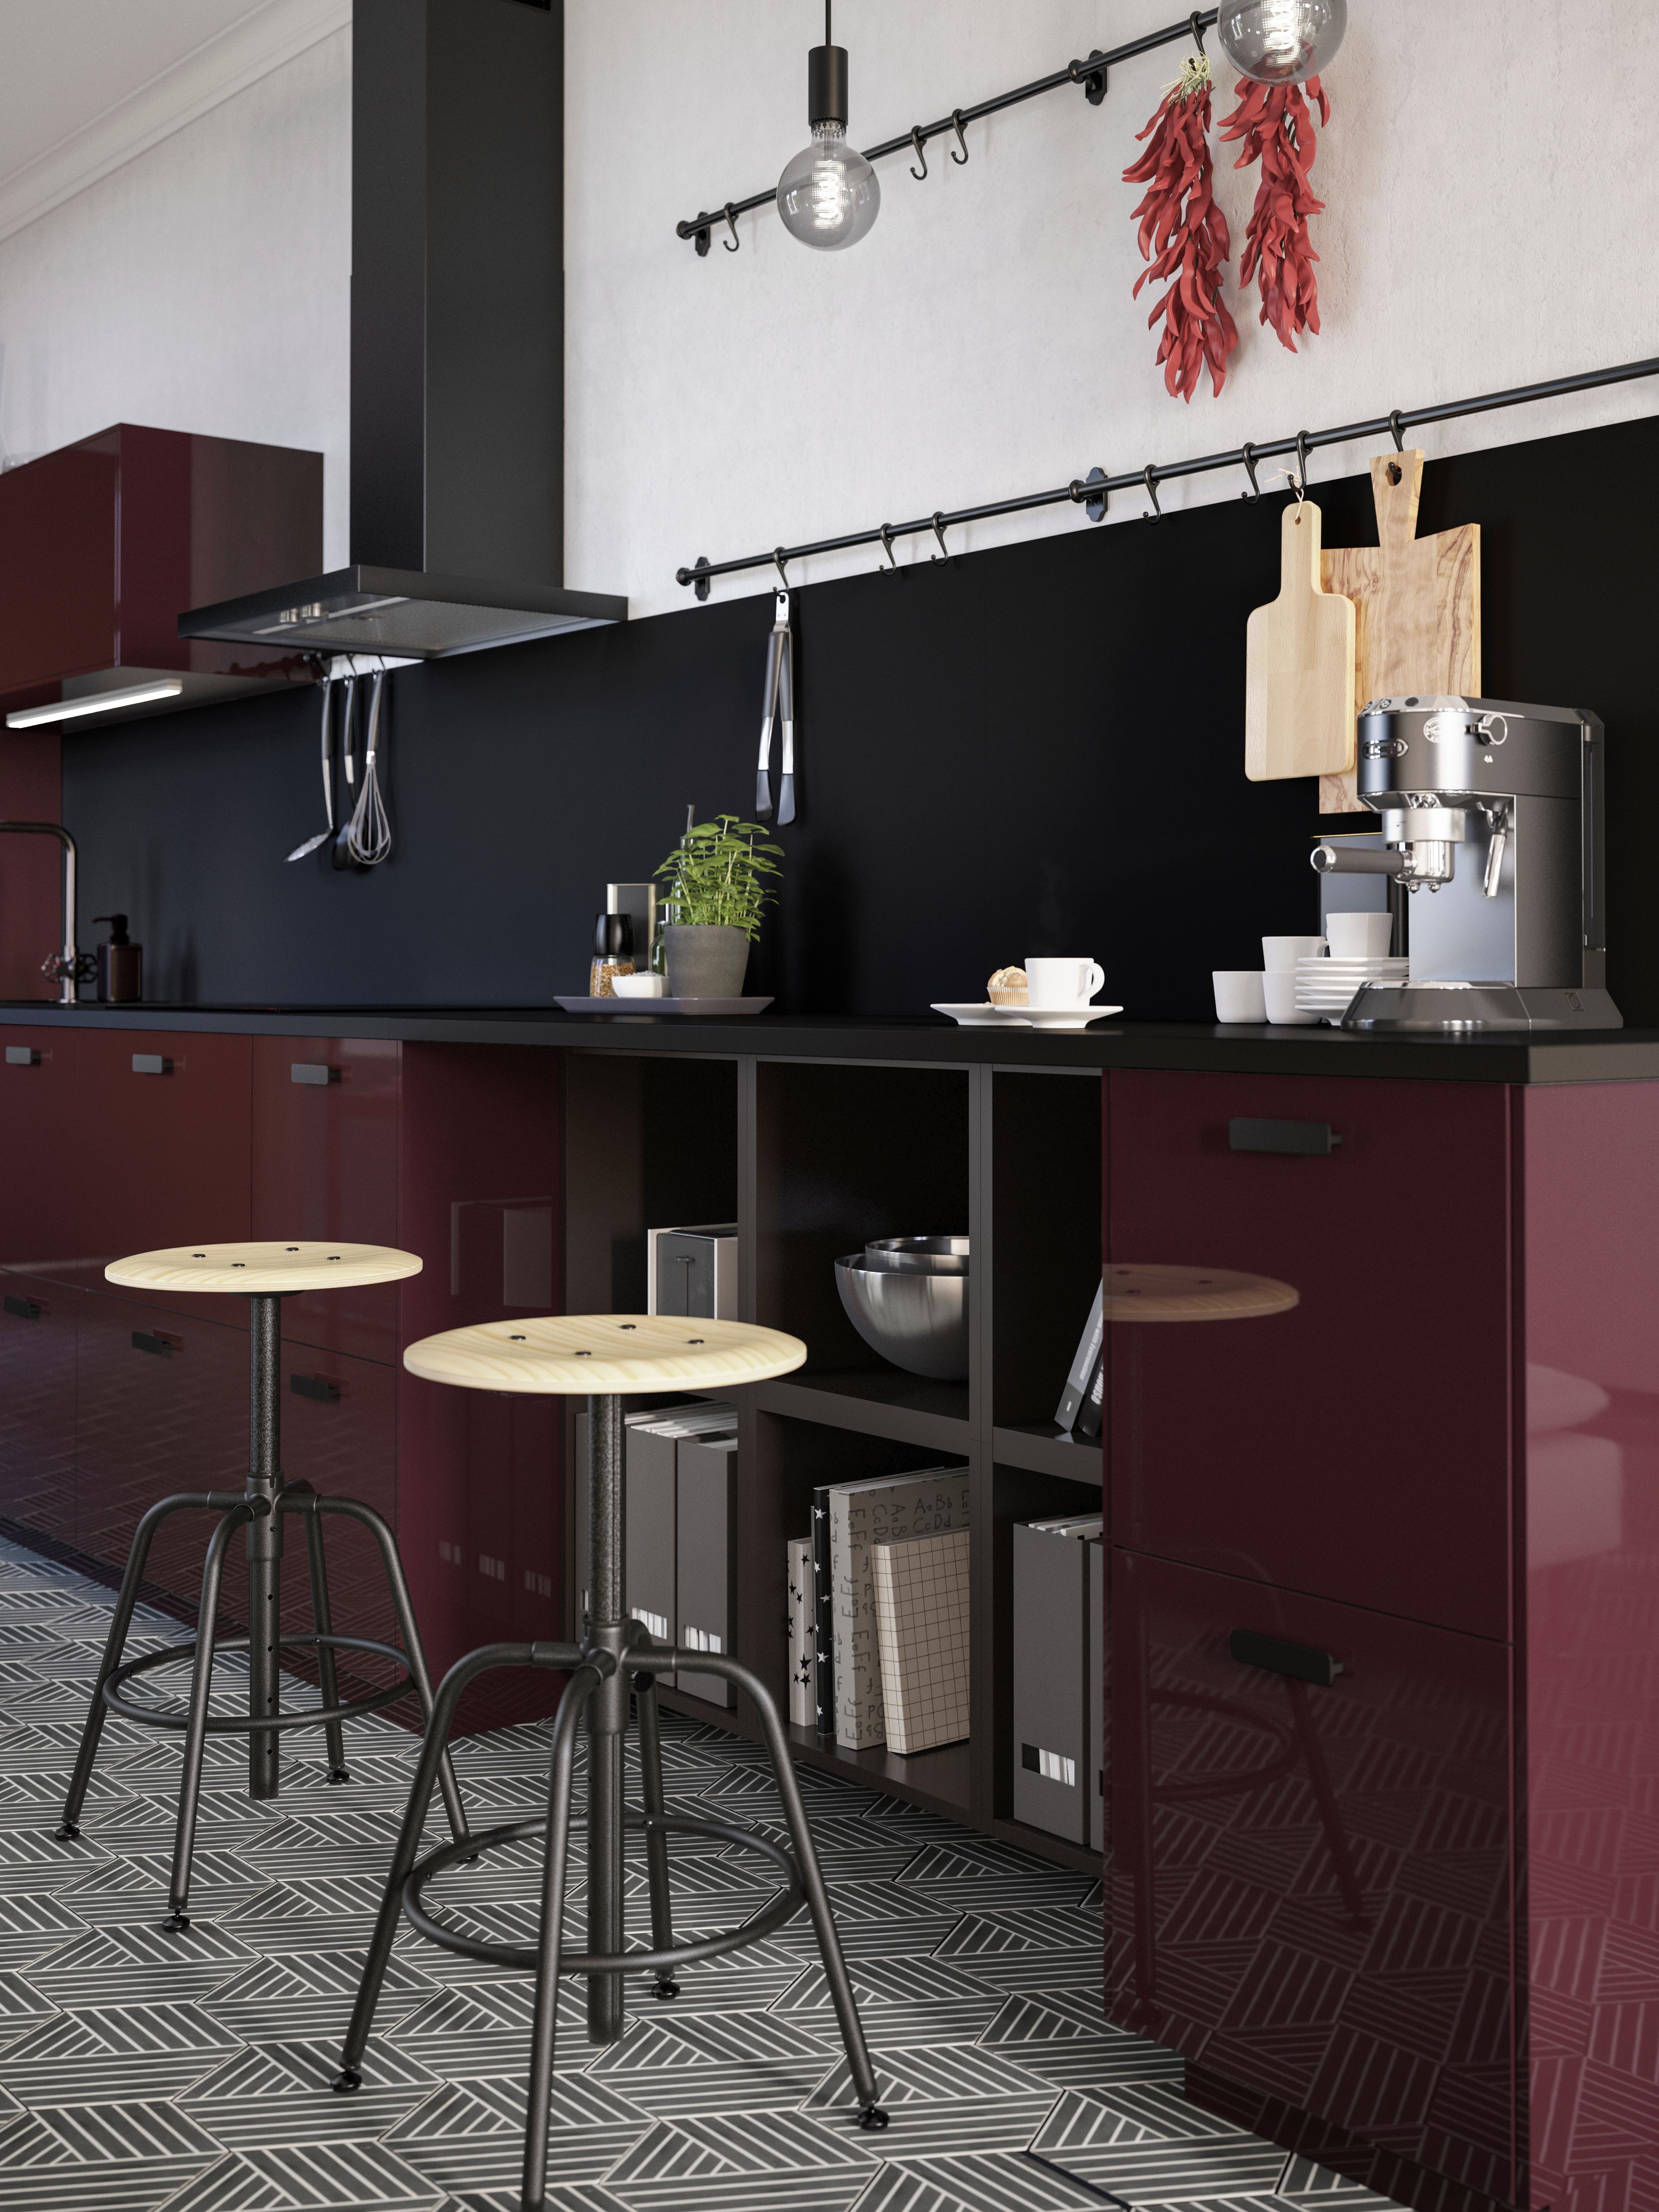 Deux tabourets KULLABERG en pin / noir se trouvent devant un plan de travail dans une cuisine bordeaux. Une machine à café et quelques tasses sont posées dessus.